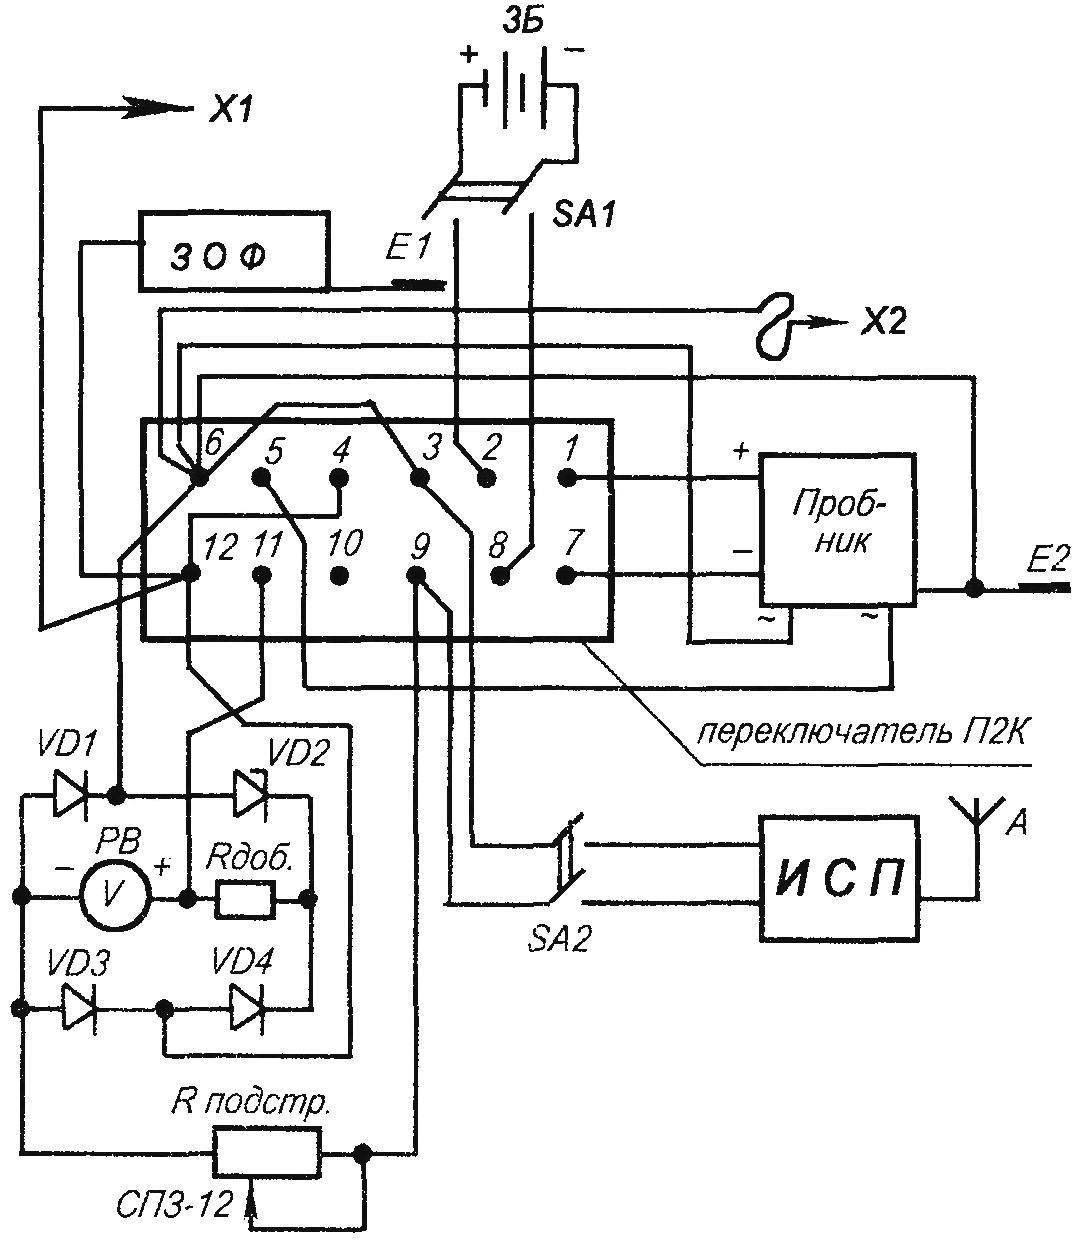 Принципиальная электрическая блок-схема комплексною контрольно-измерительного прибора электрических сетей